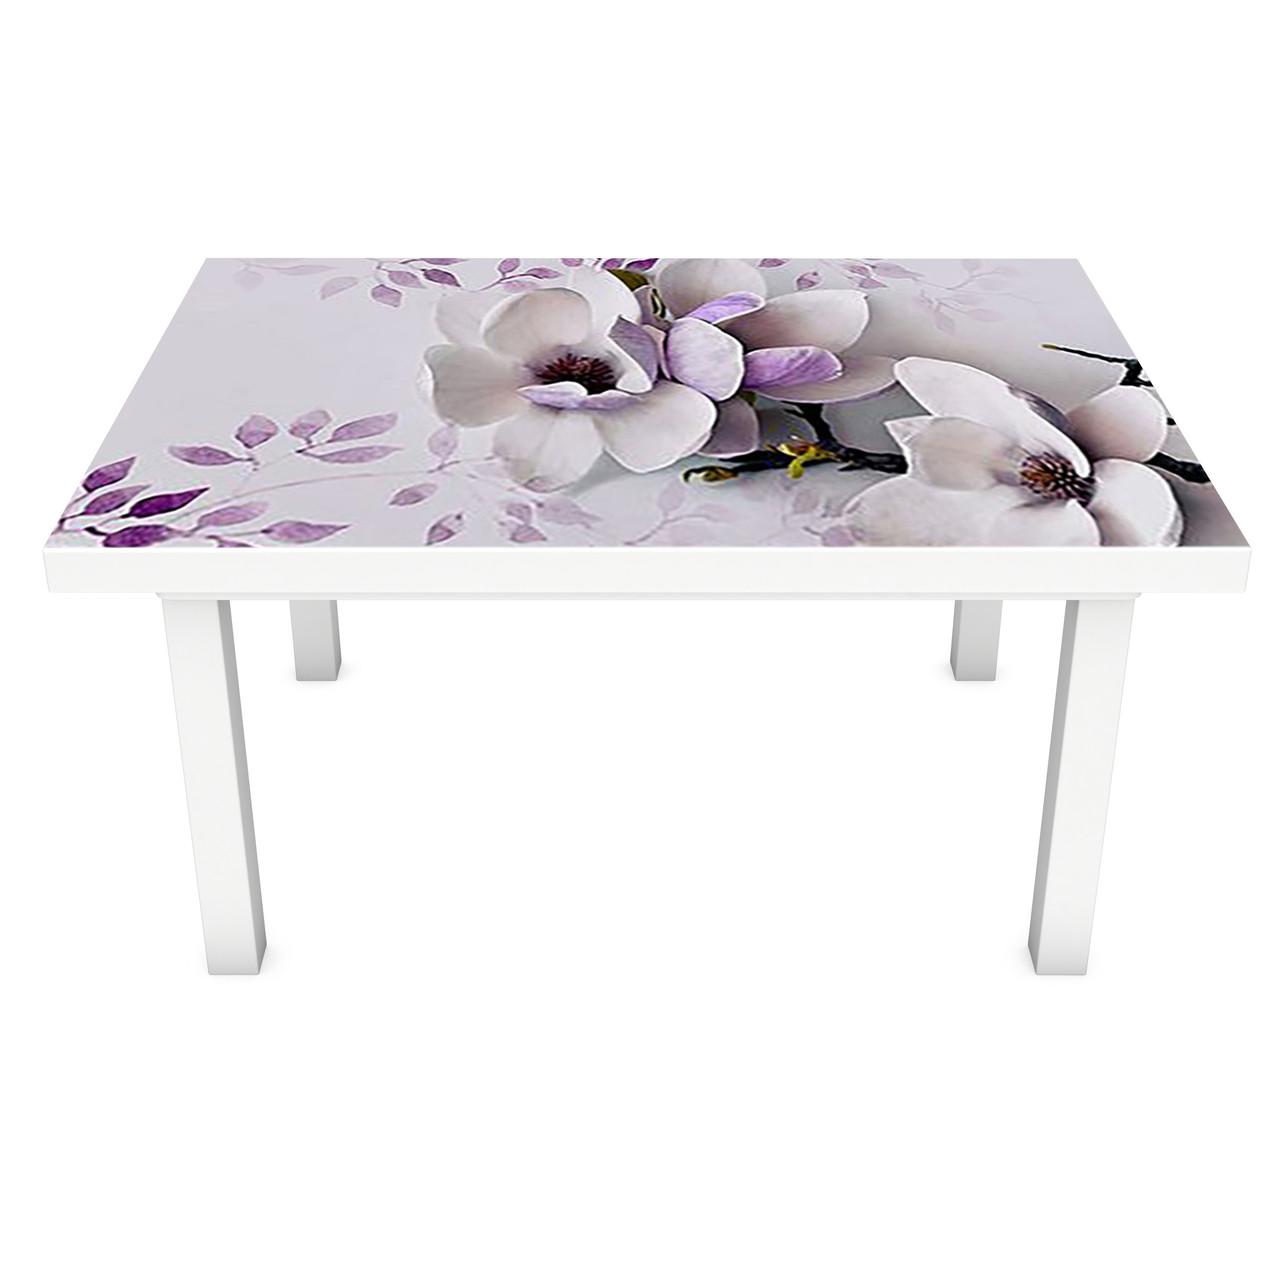 Наклейка на стол виниловая Магнолия 02 ПВХ пленка для мебели интерьерная 3D фиолетовые цветы 600*1200 мм